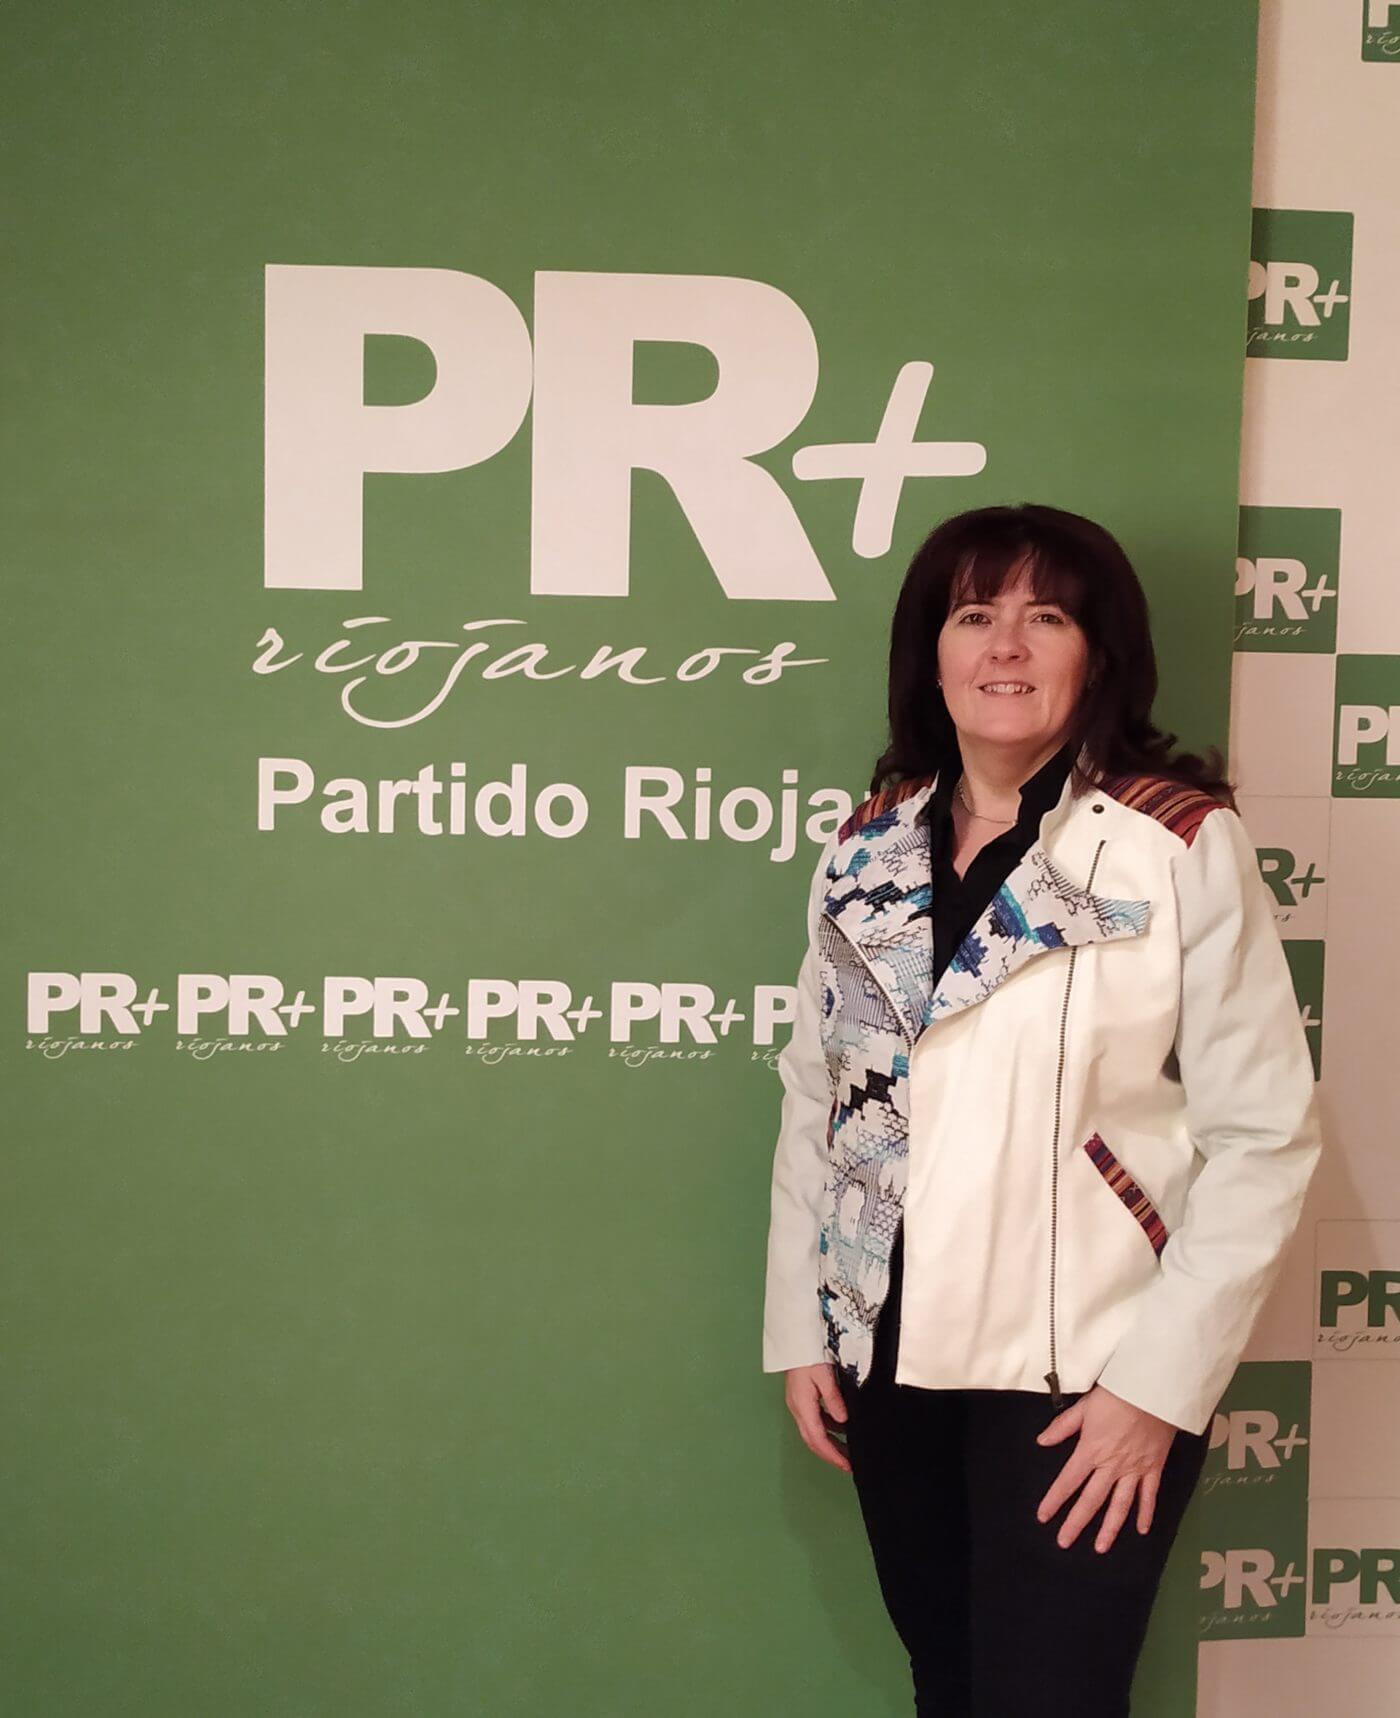 La candidata del PR, Rita Beltrán, se compromete a dimitir si no cumple lo que dice su programa